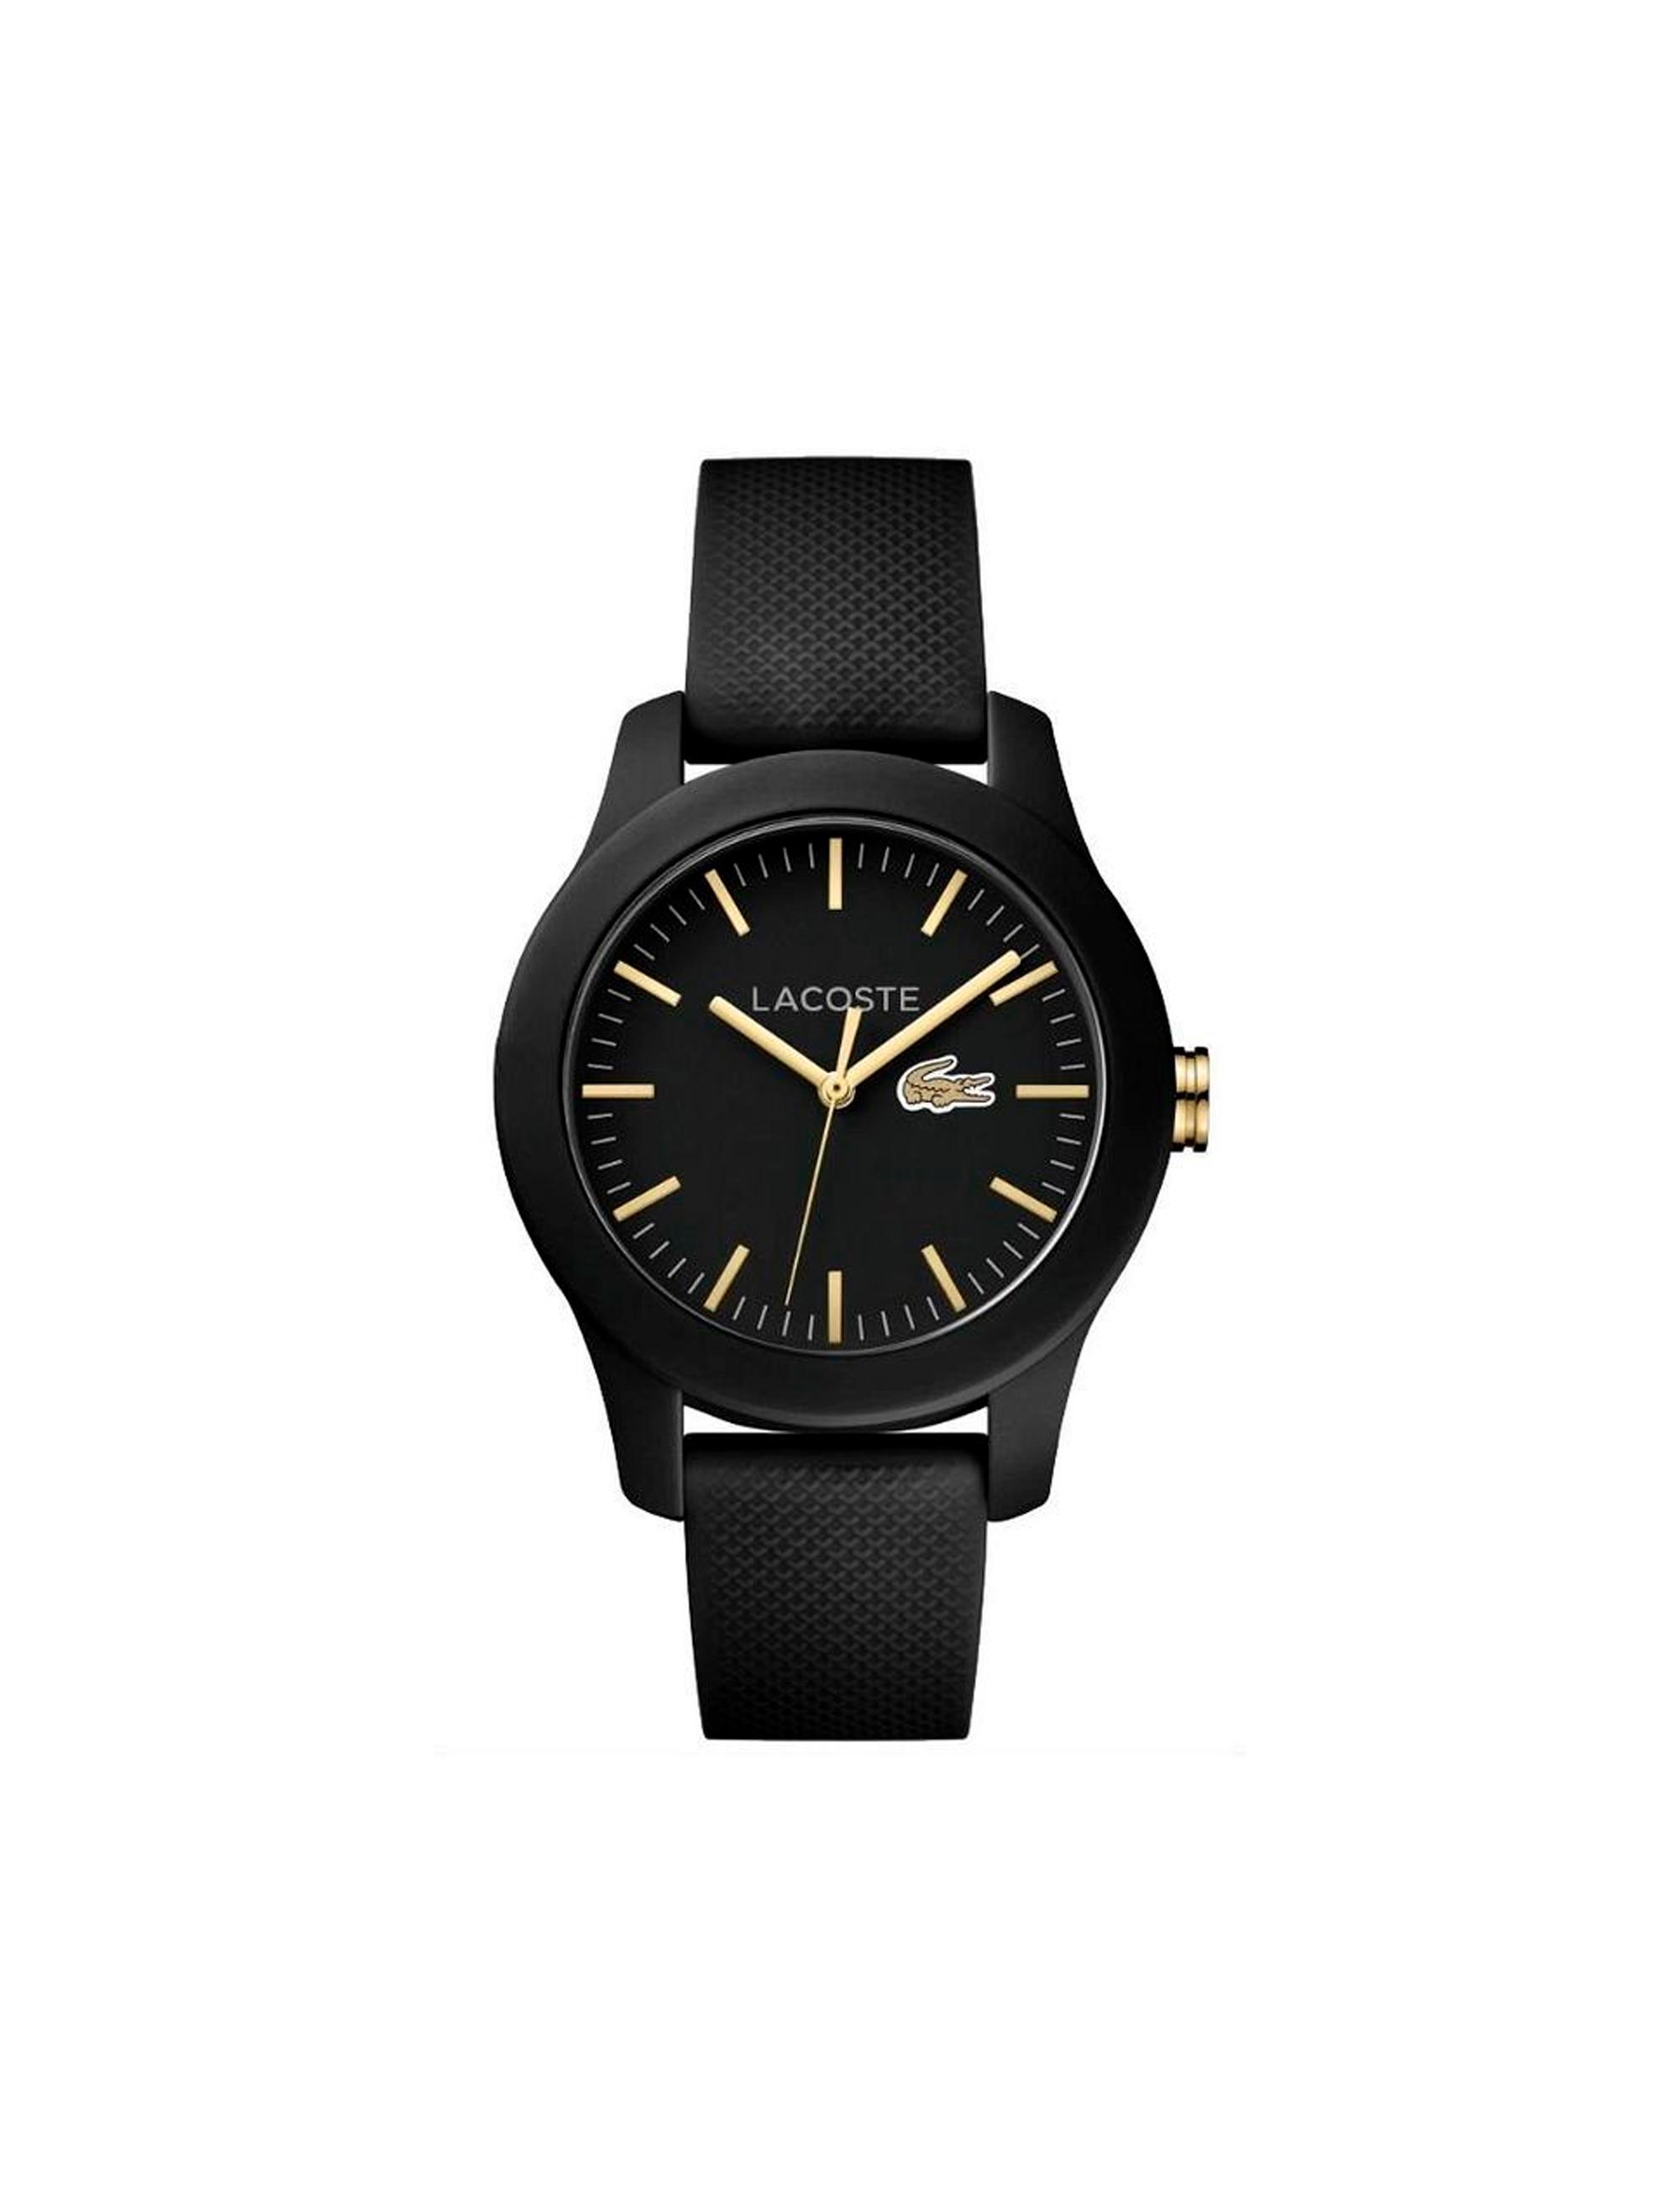 ساعت مچی عقربه ای لاگوست مدل 2000959